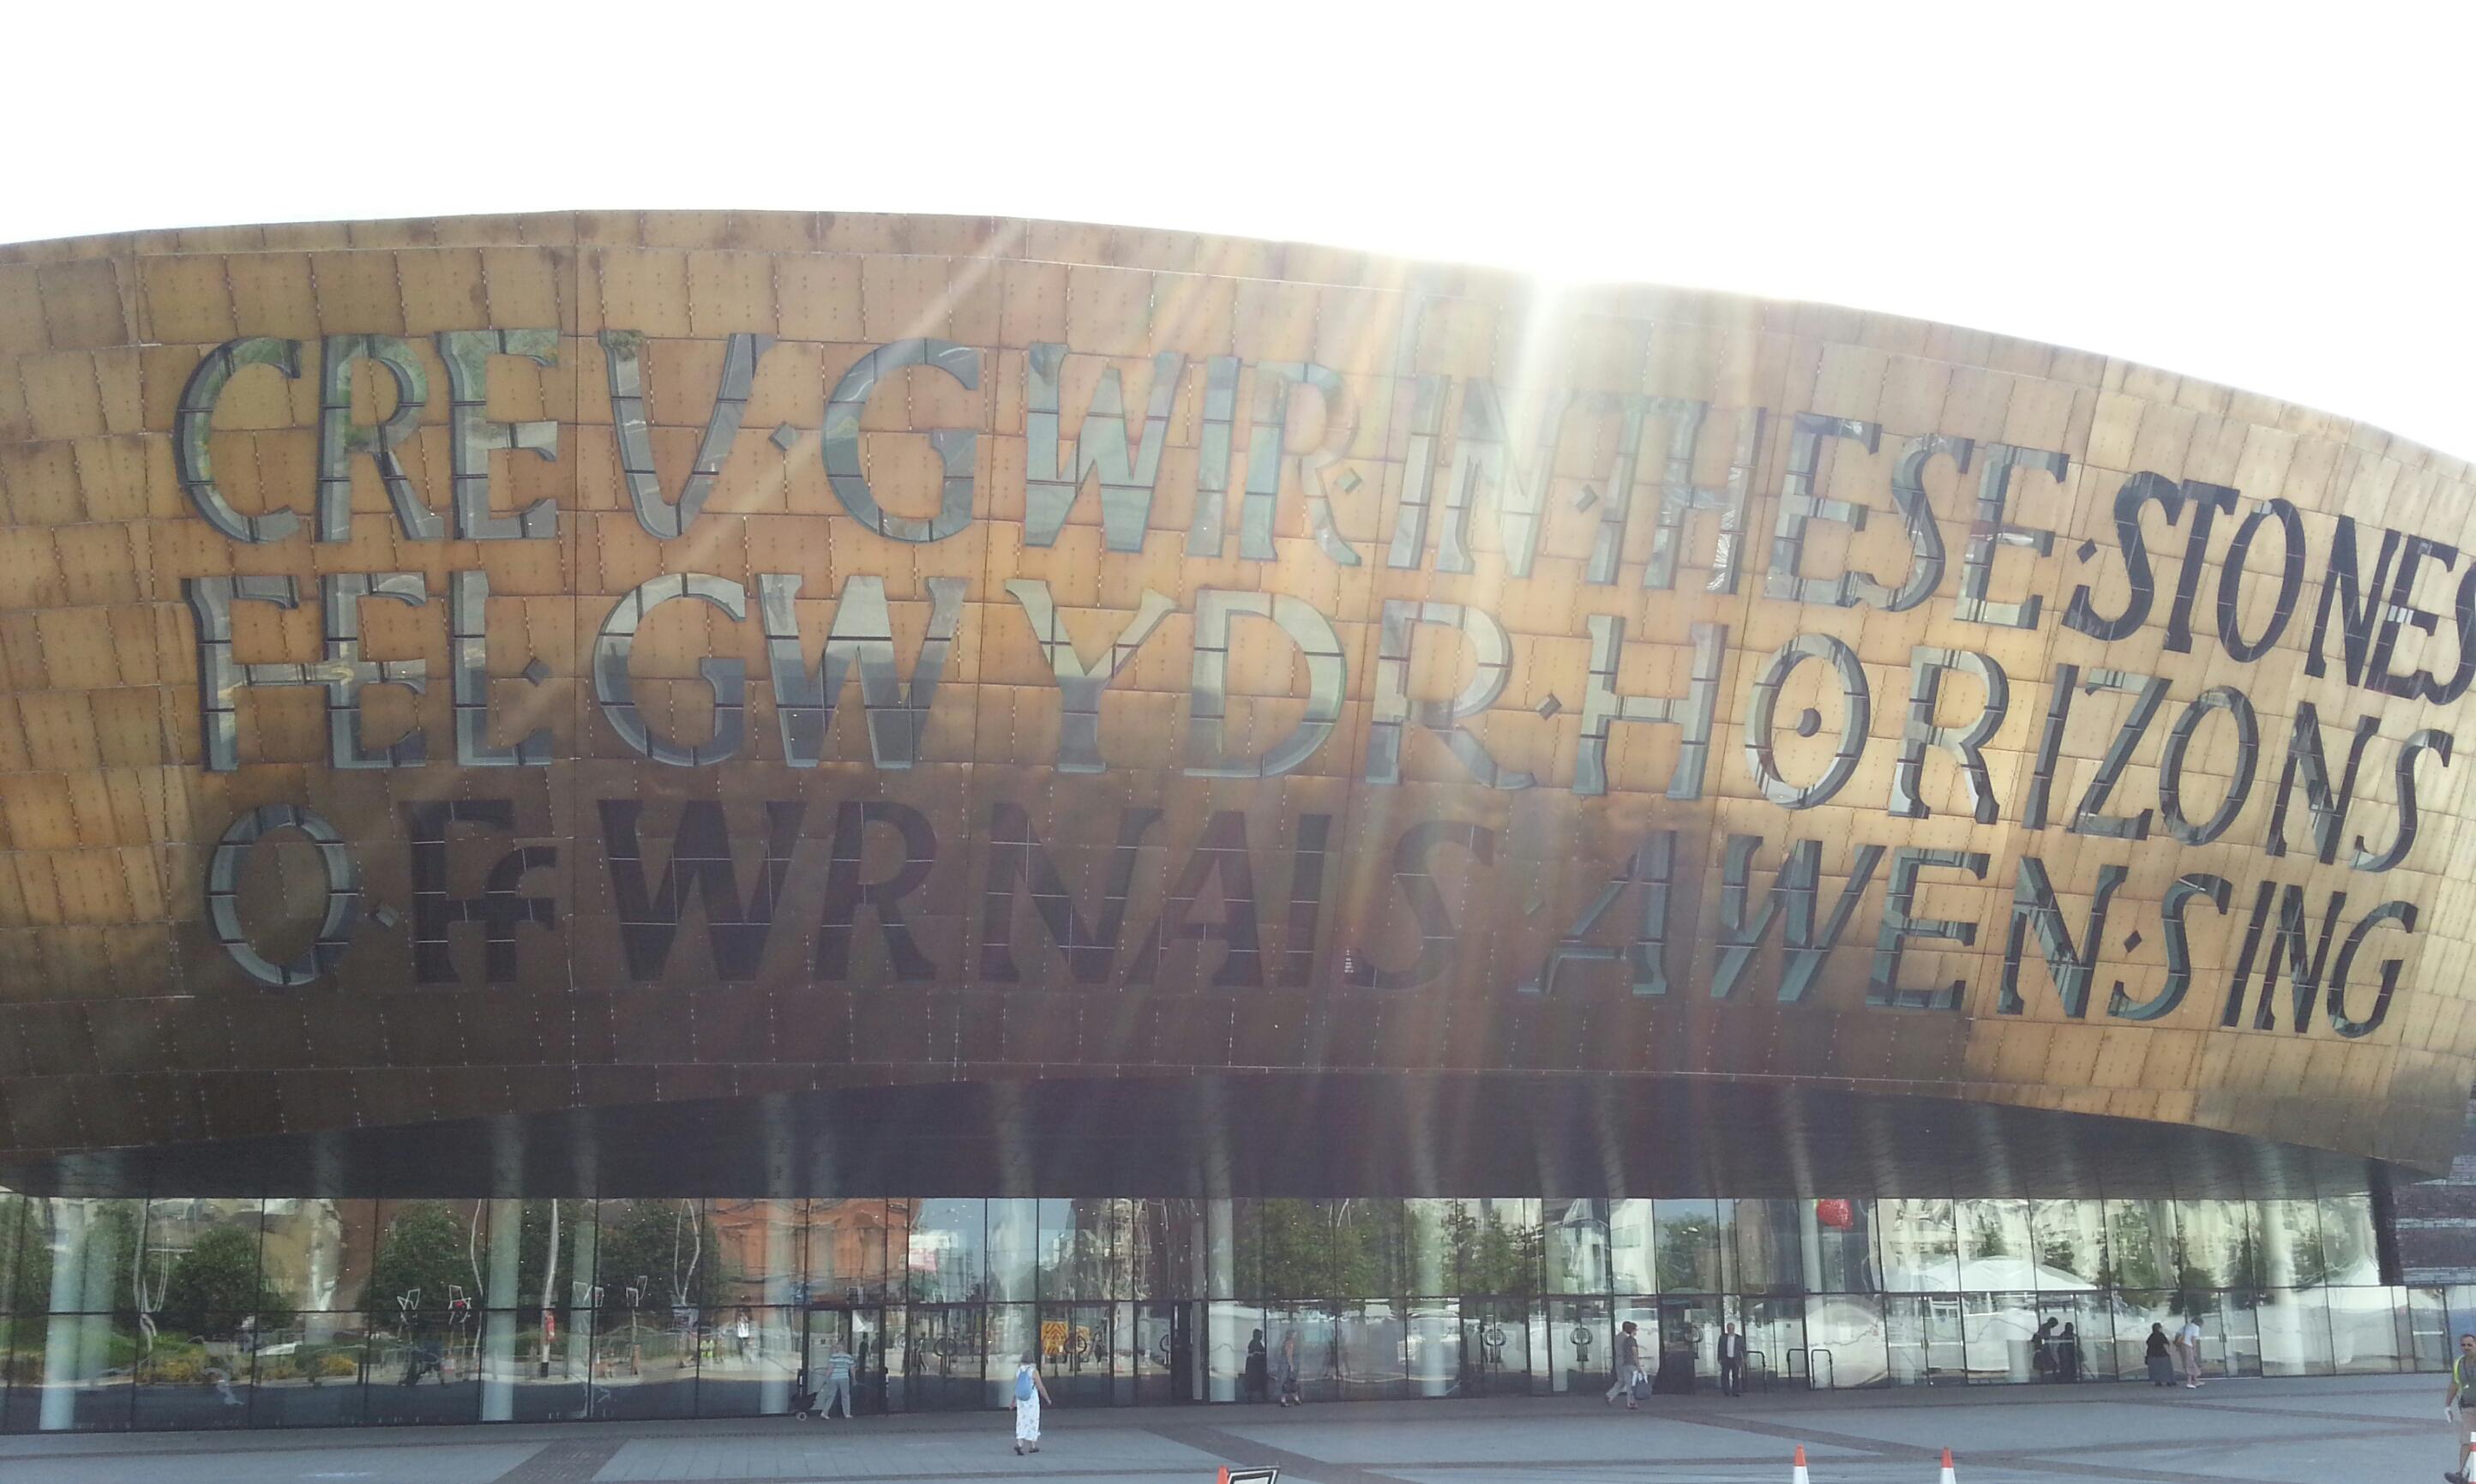 millennium centre exterior